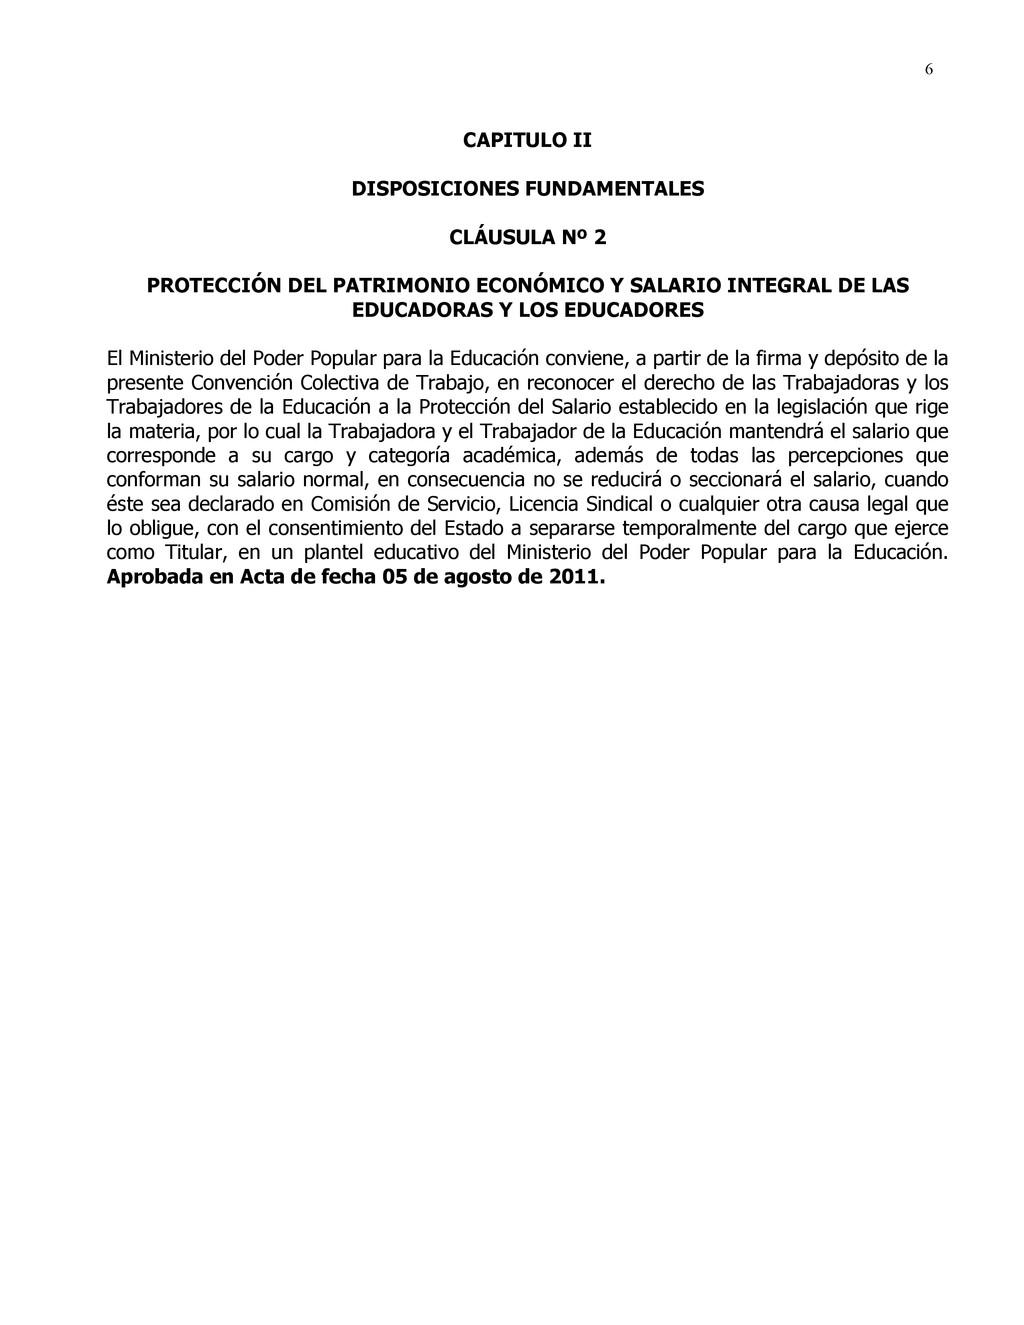 6 CAPITULO II DISPOSICIONES FUNDAMENTALES CLÁUS...